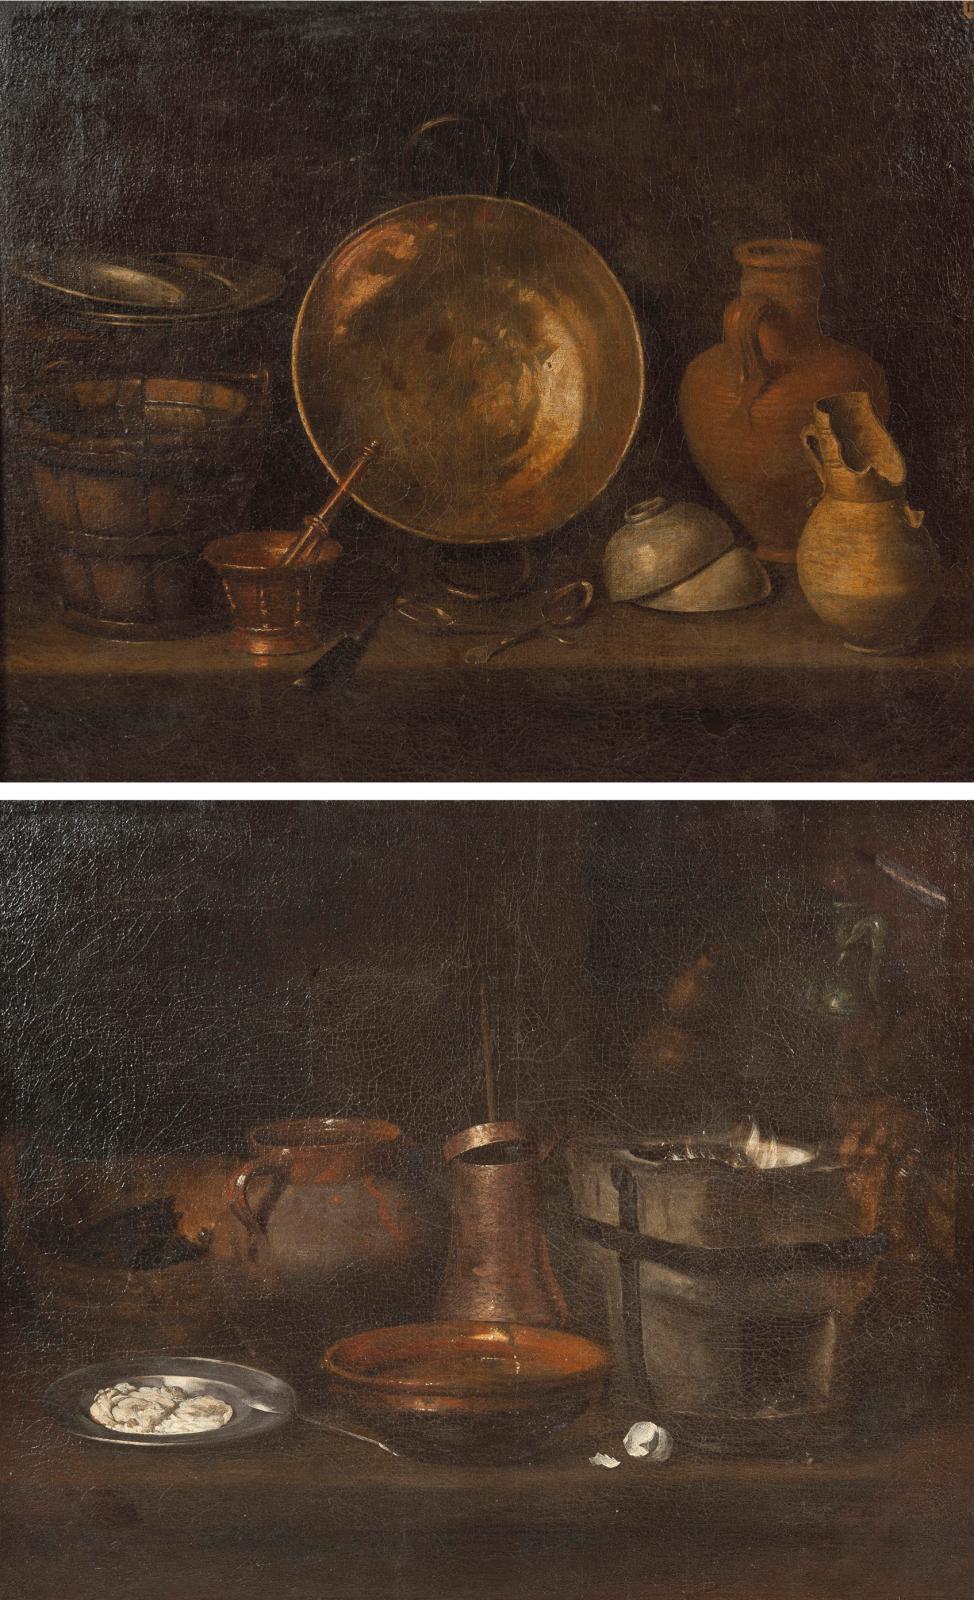 École de Séville du XVIIesiècle. Nature morte à la bassine de cuivre, seau en bois ferré, mortier et son pilon, bols, cruche cassée et ja